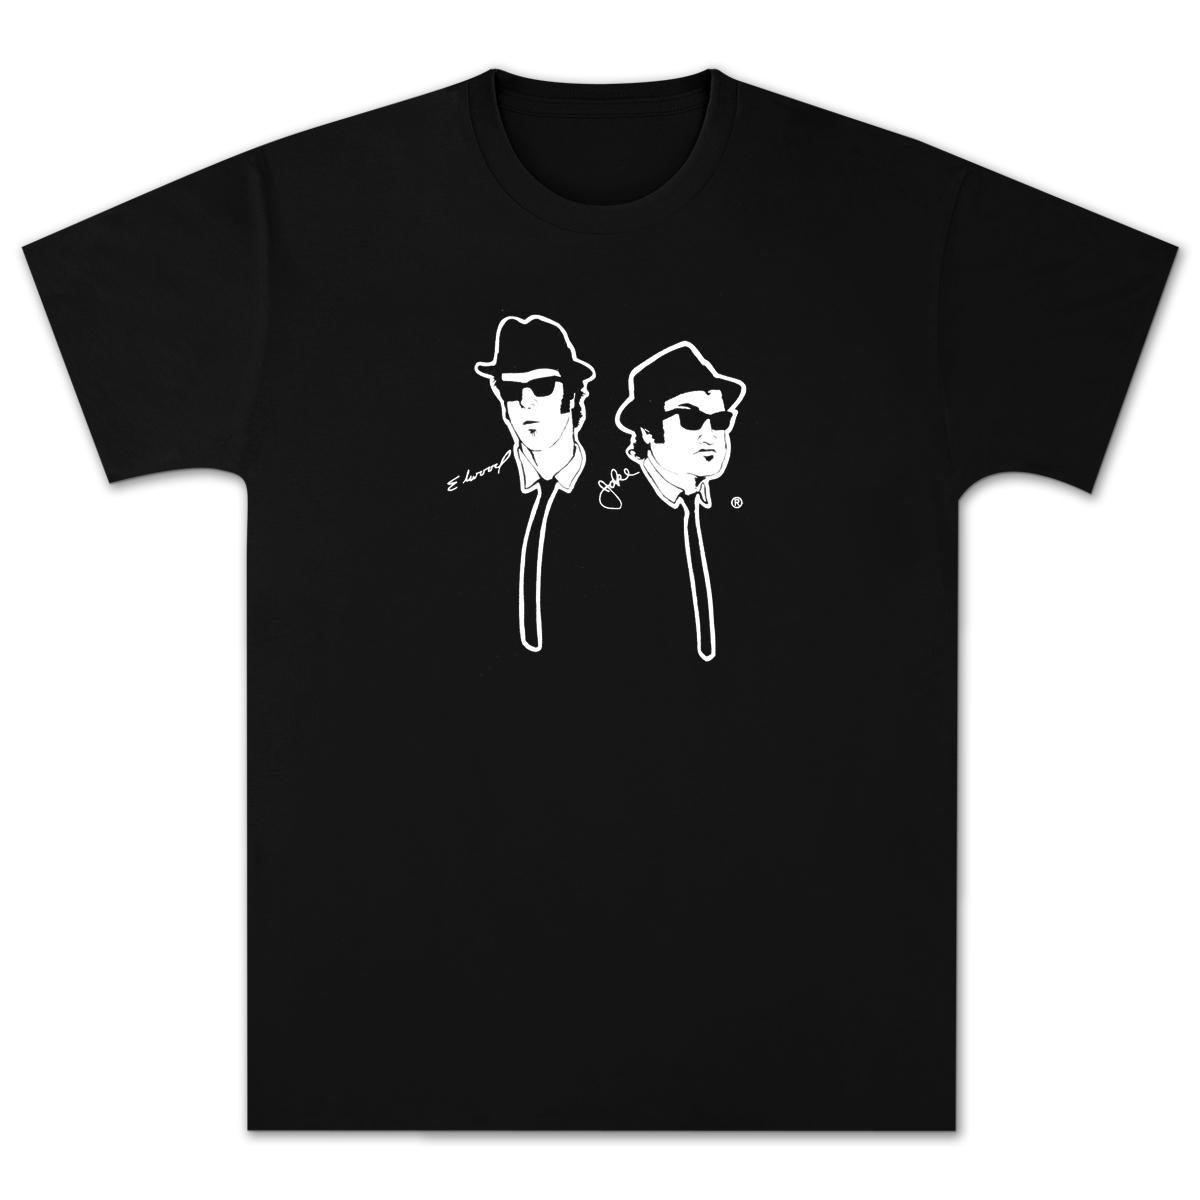 House of Blues Black J&E T-Shirt - Anaheim